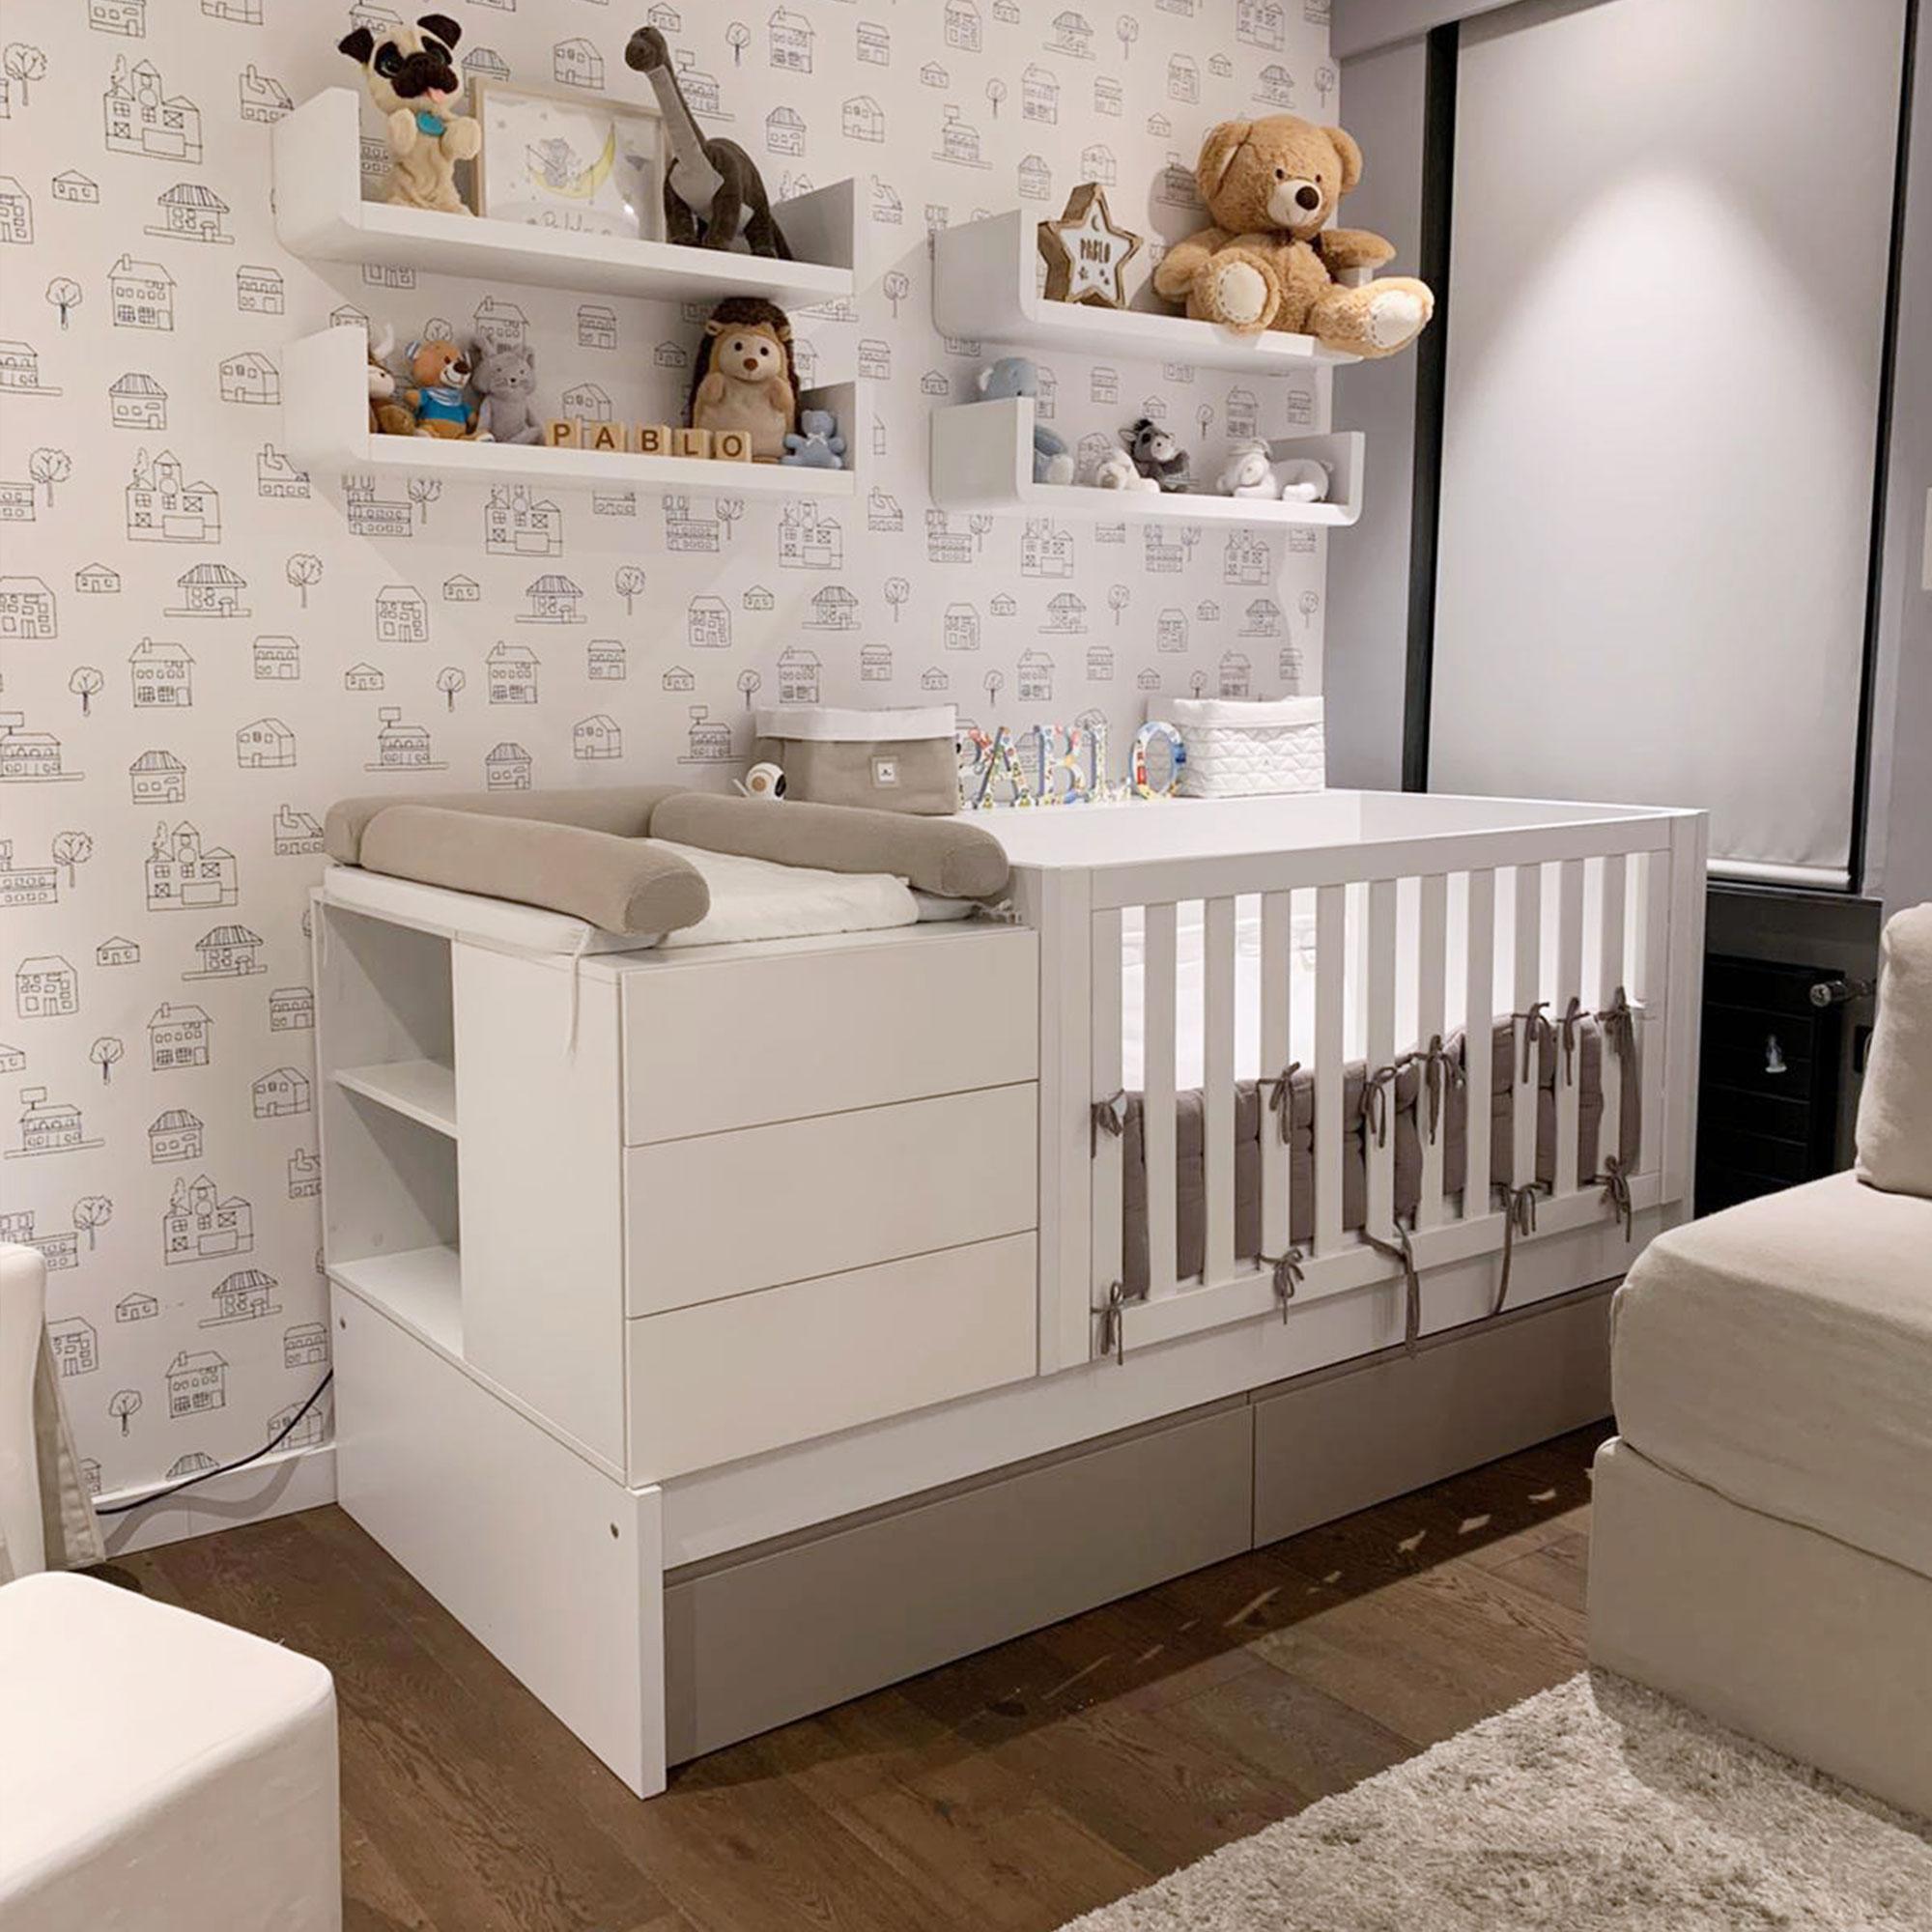 Habitación infantil con cuna convertible